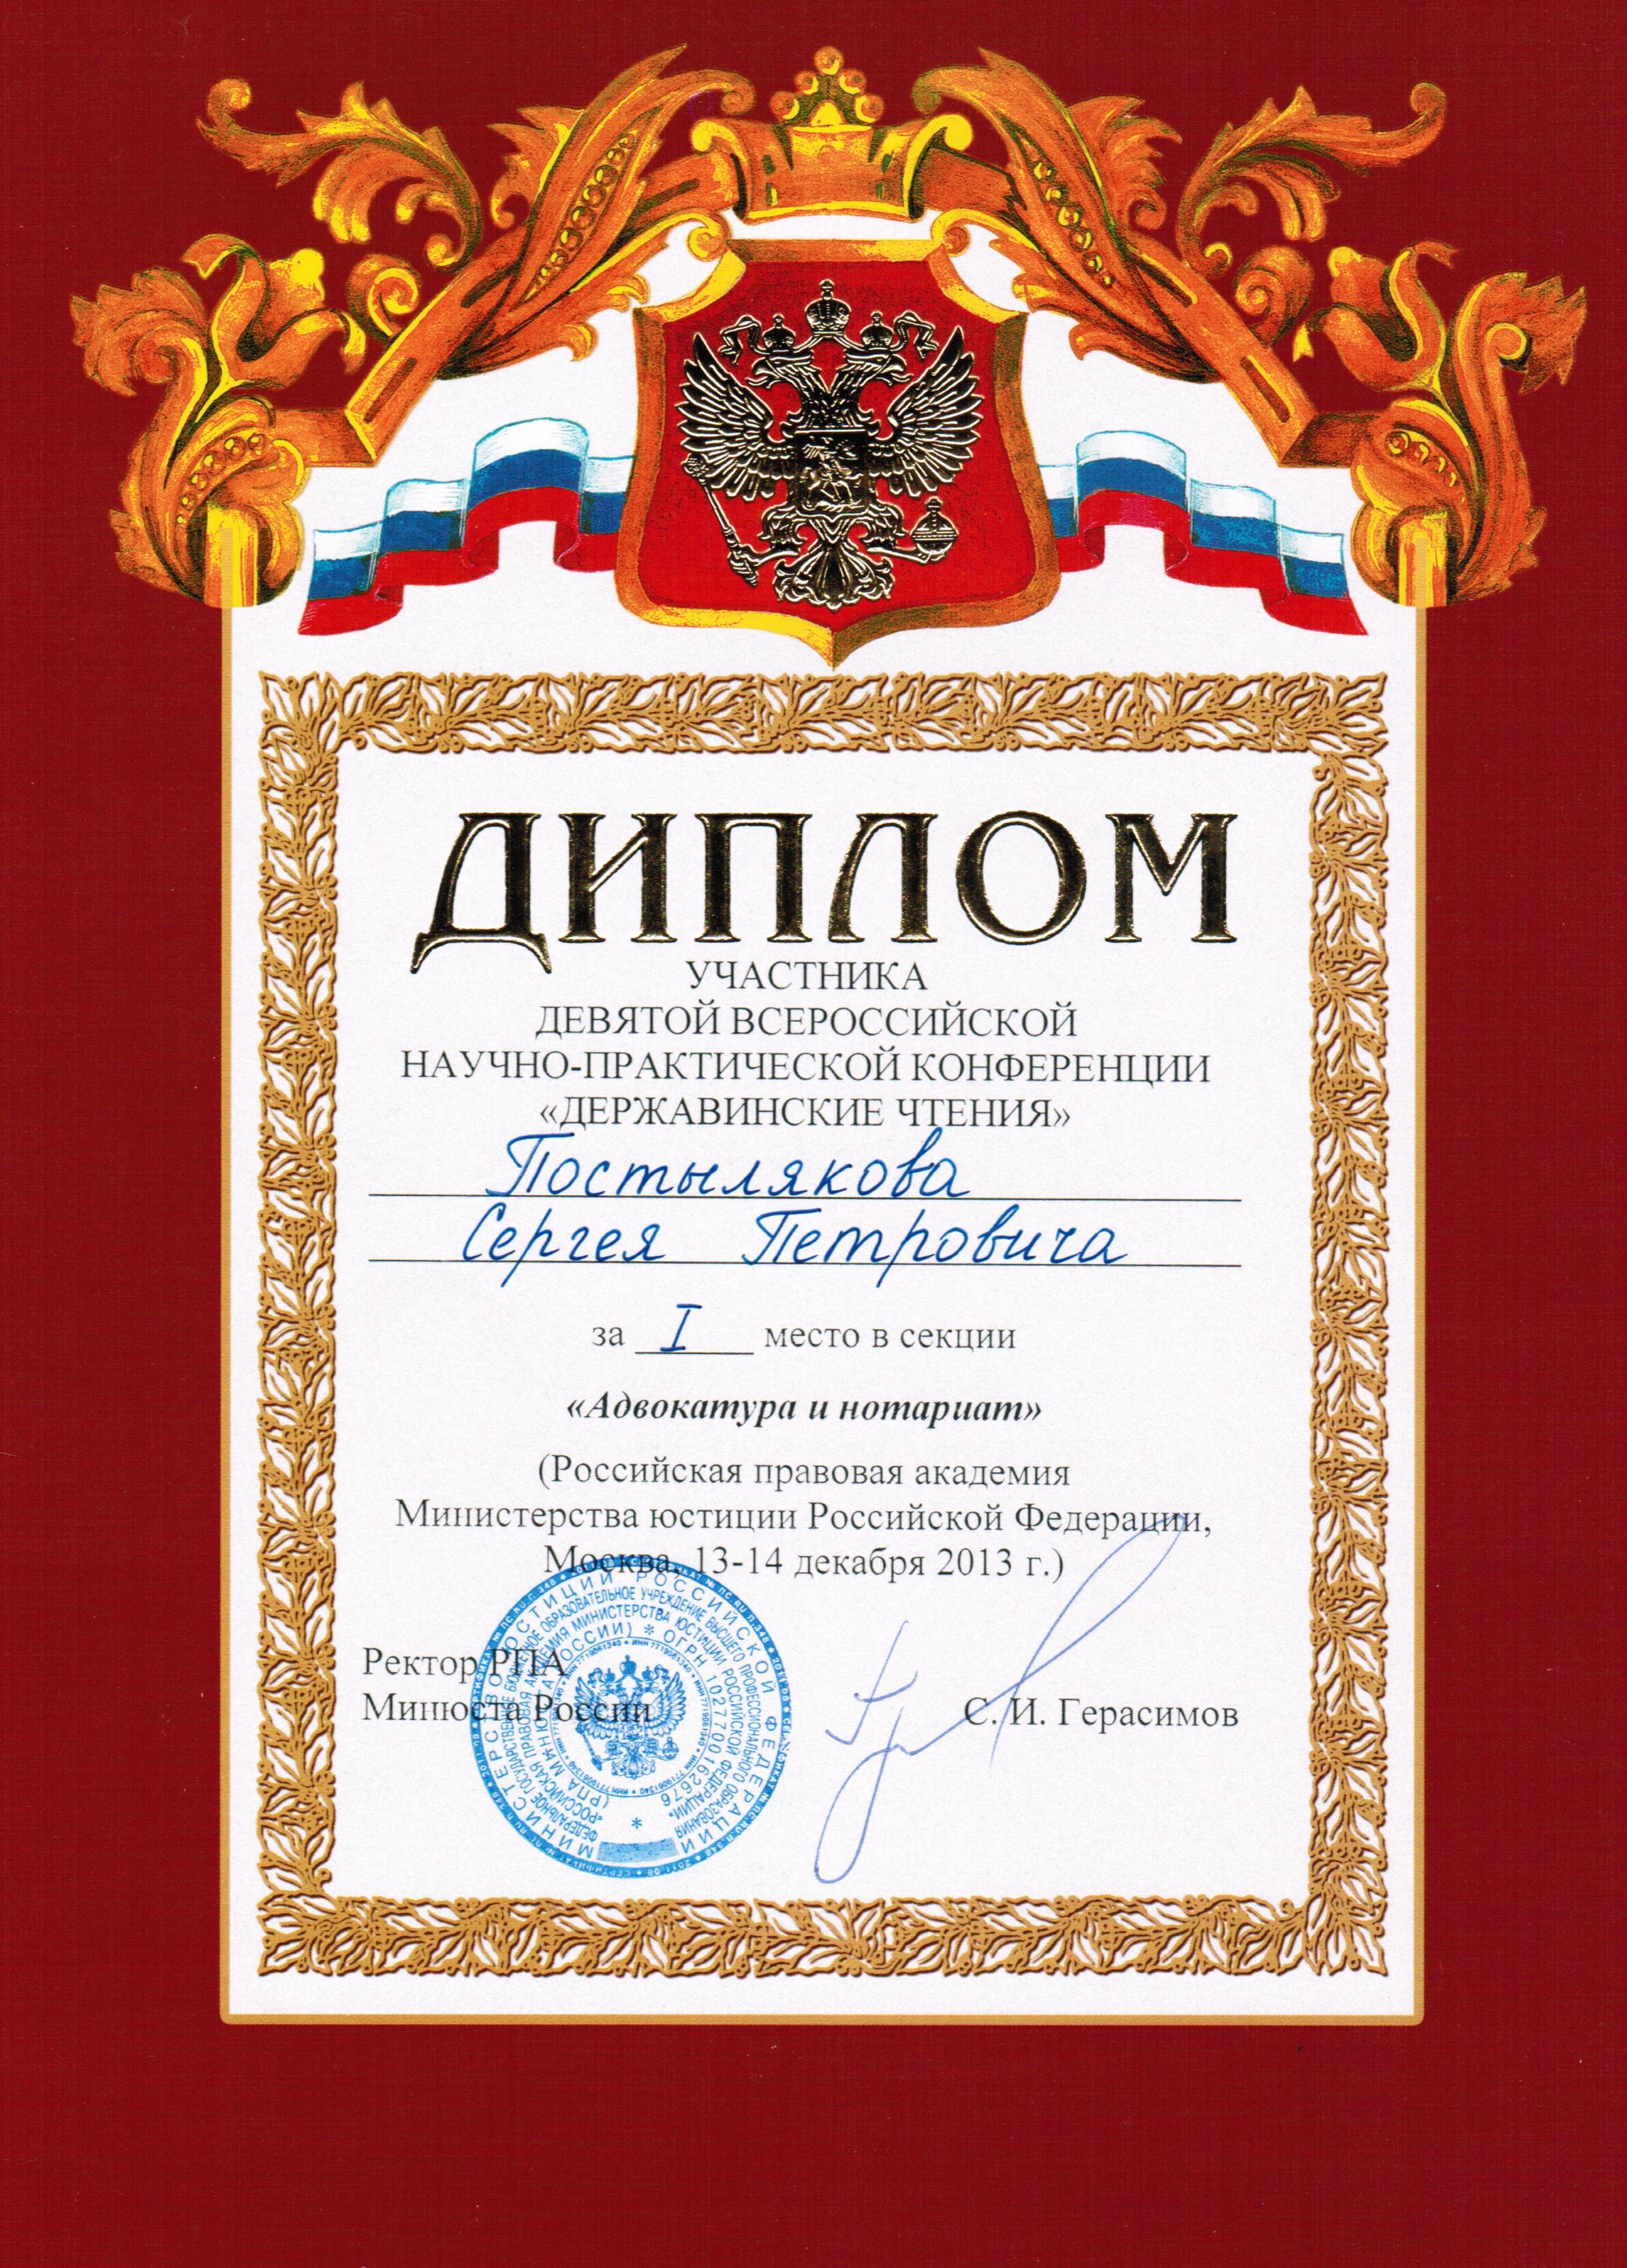 Сотрудники Постыляков Сергей Петрович Национальный   Диплом за i место